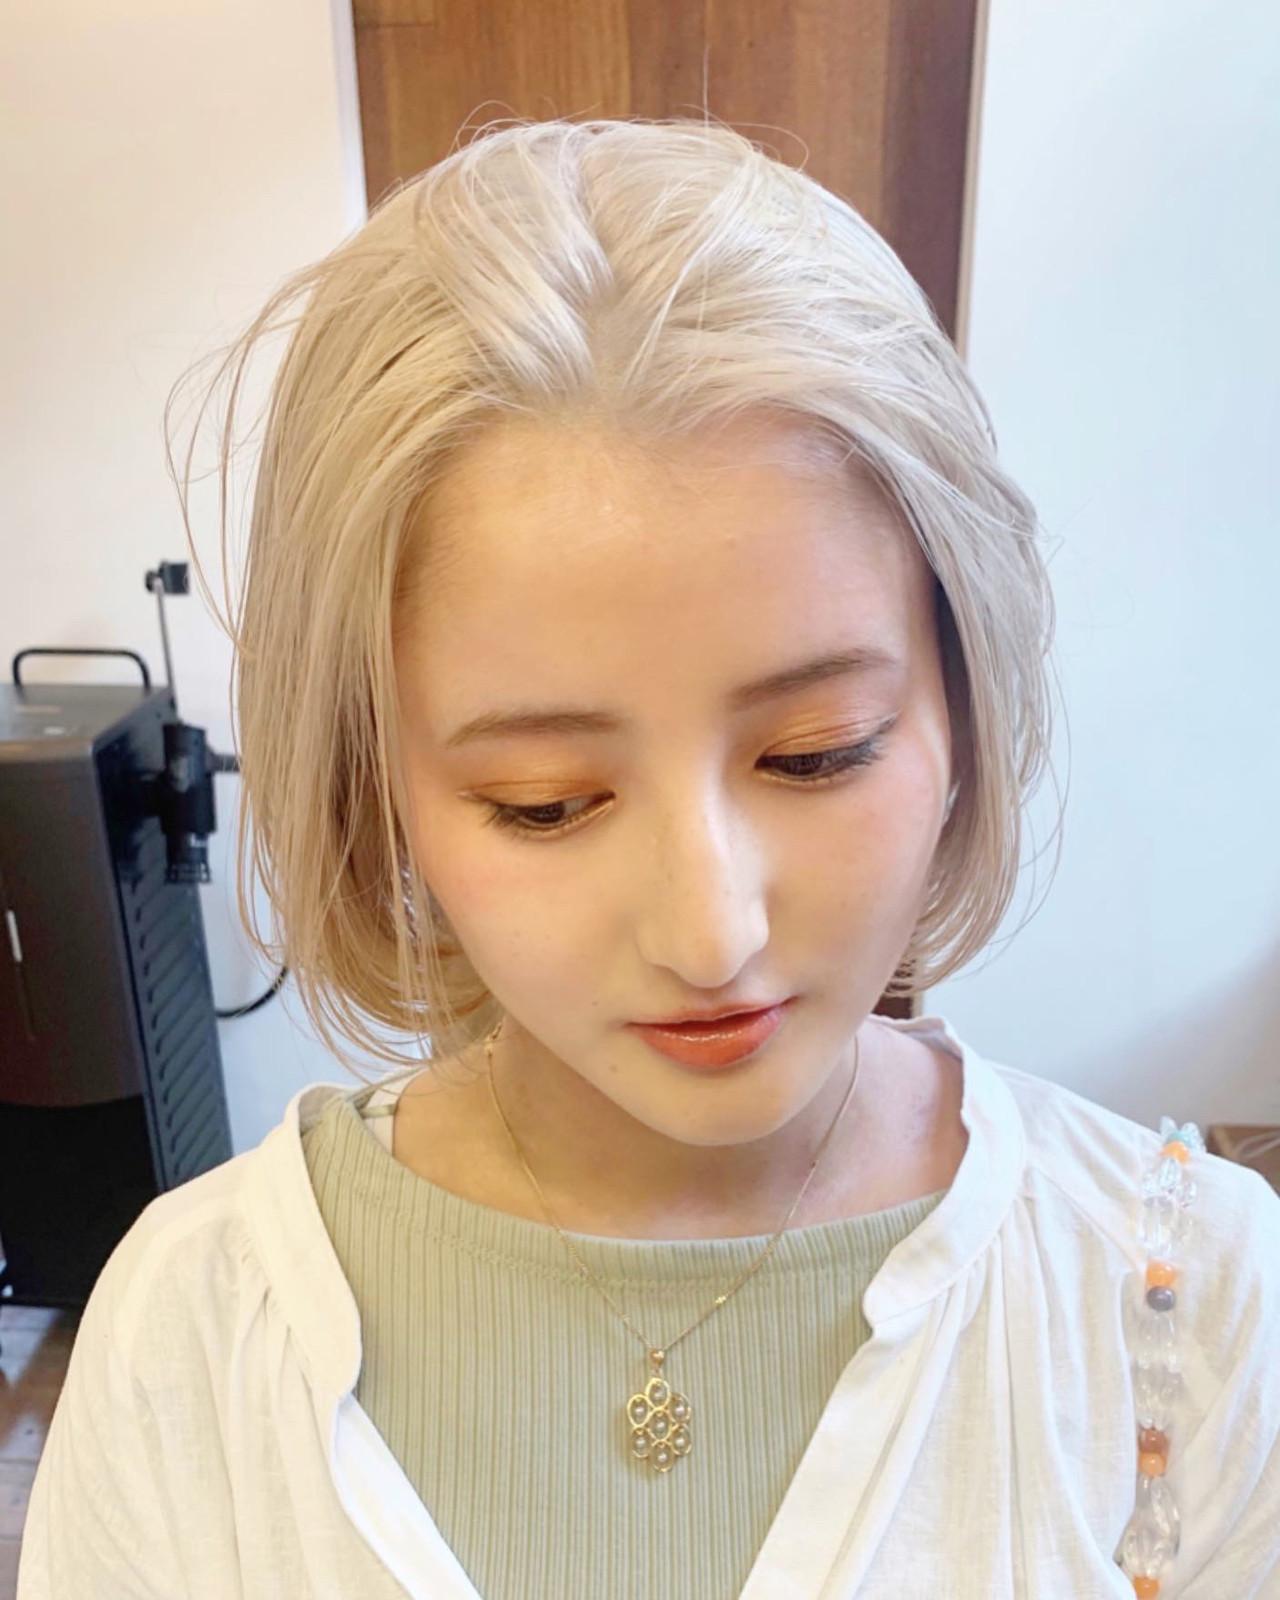 ハイトーンカラー ブロンドカラー ハイトーン ホワイトカラー ヘアスタイルや髪型の写真・画像